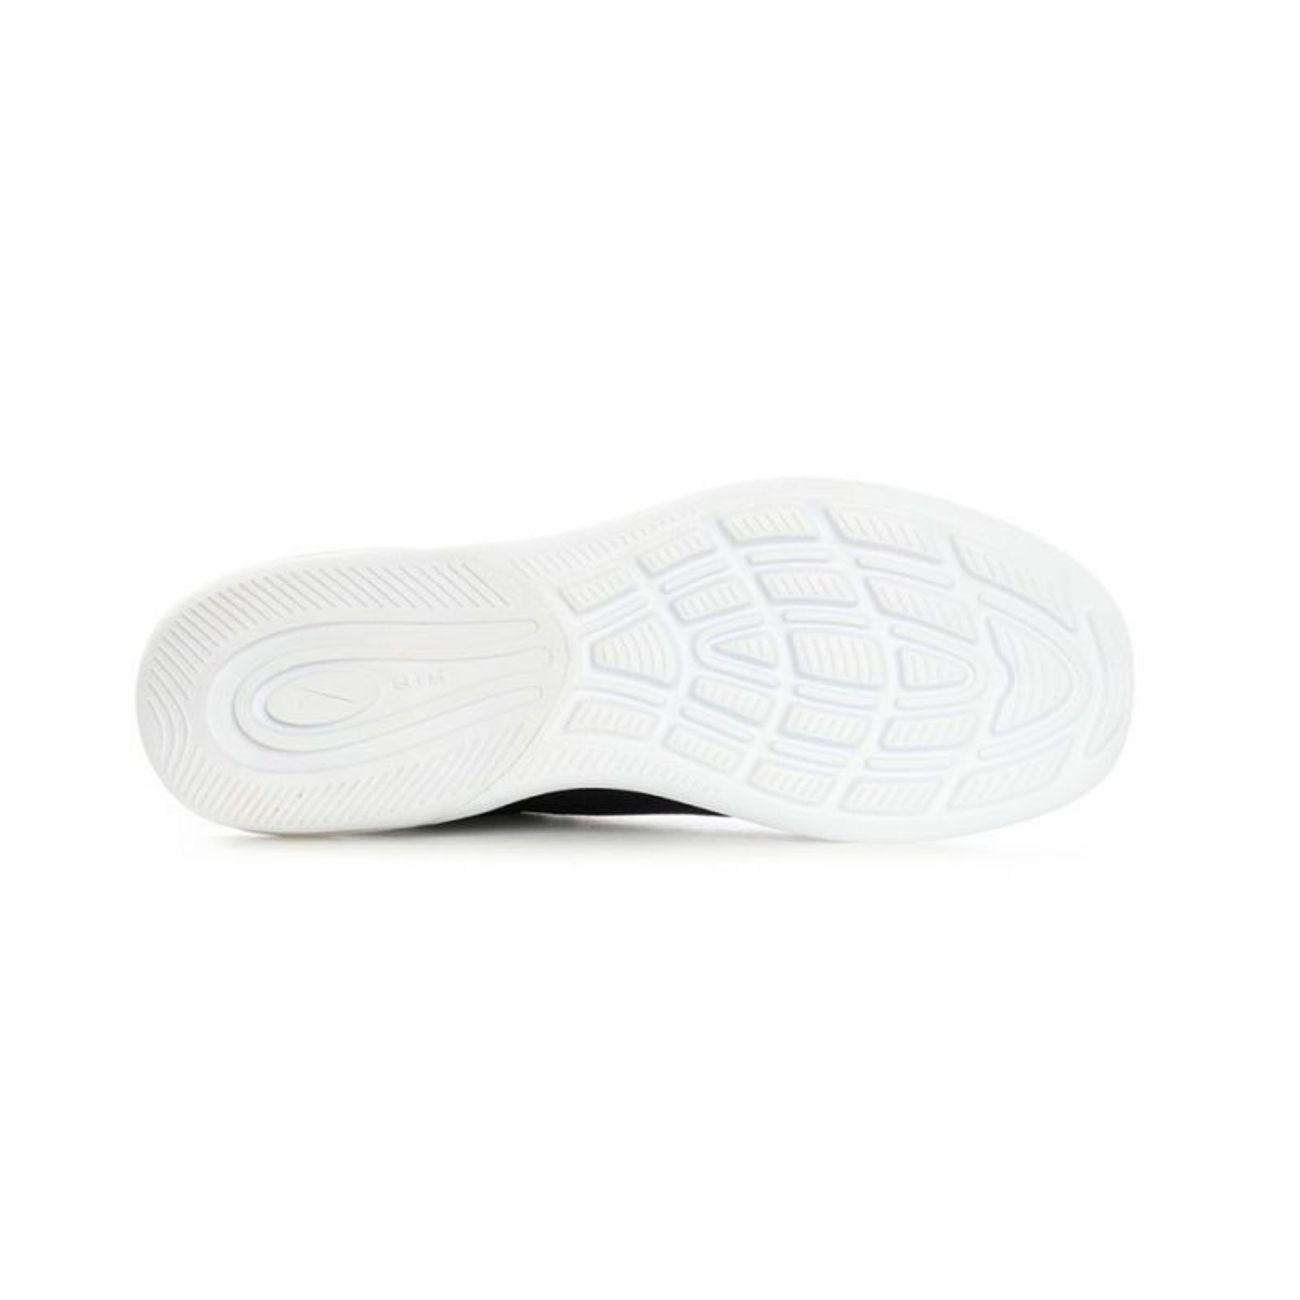 Air Adulte Padel Negro Niaa2146 003 Nike Max Blanco Axis ARjq4Lc35